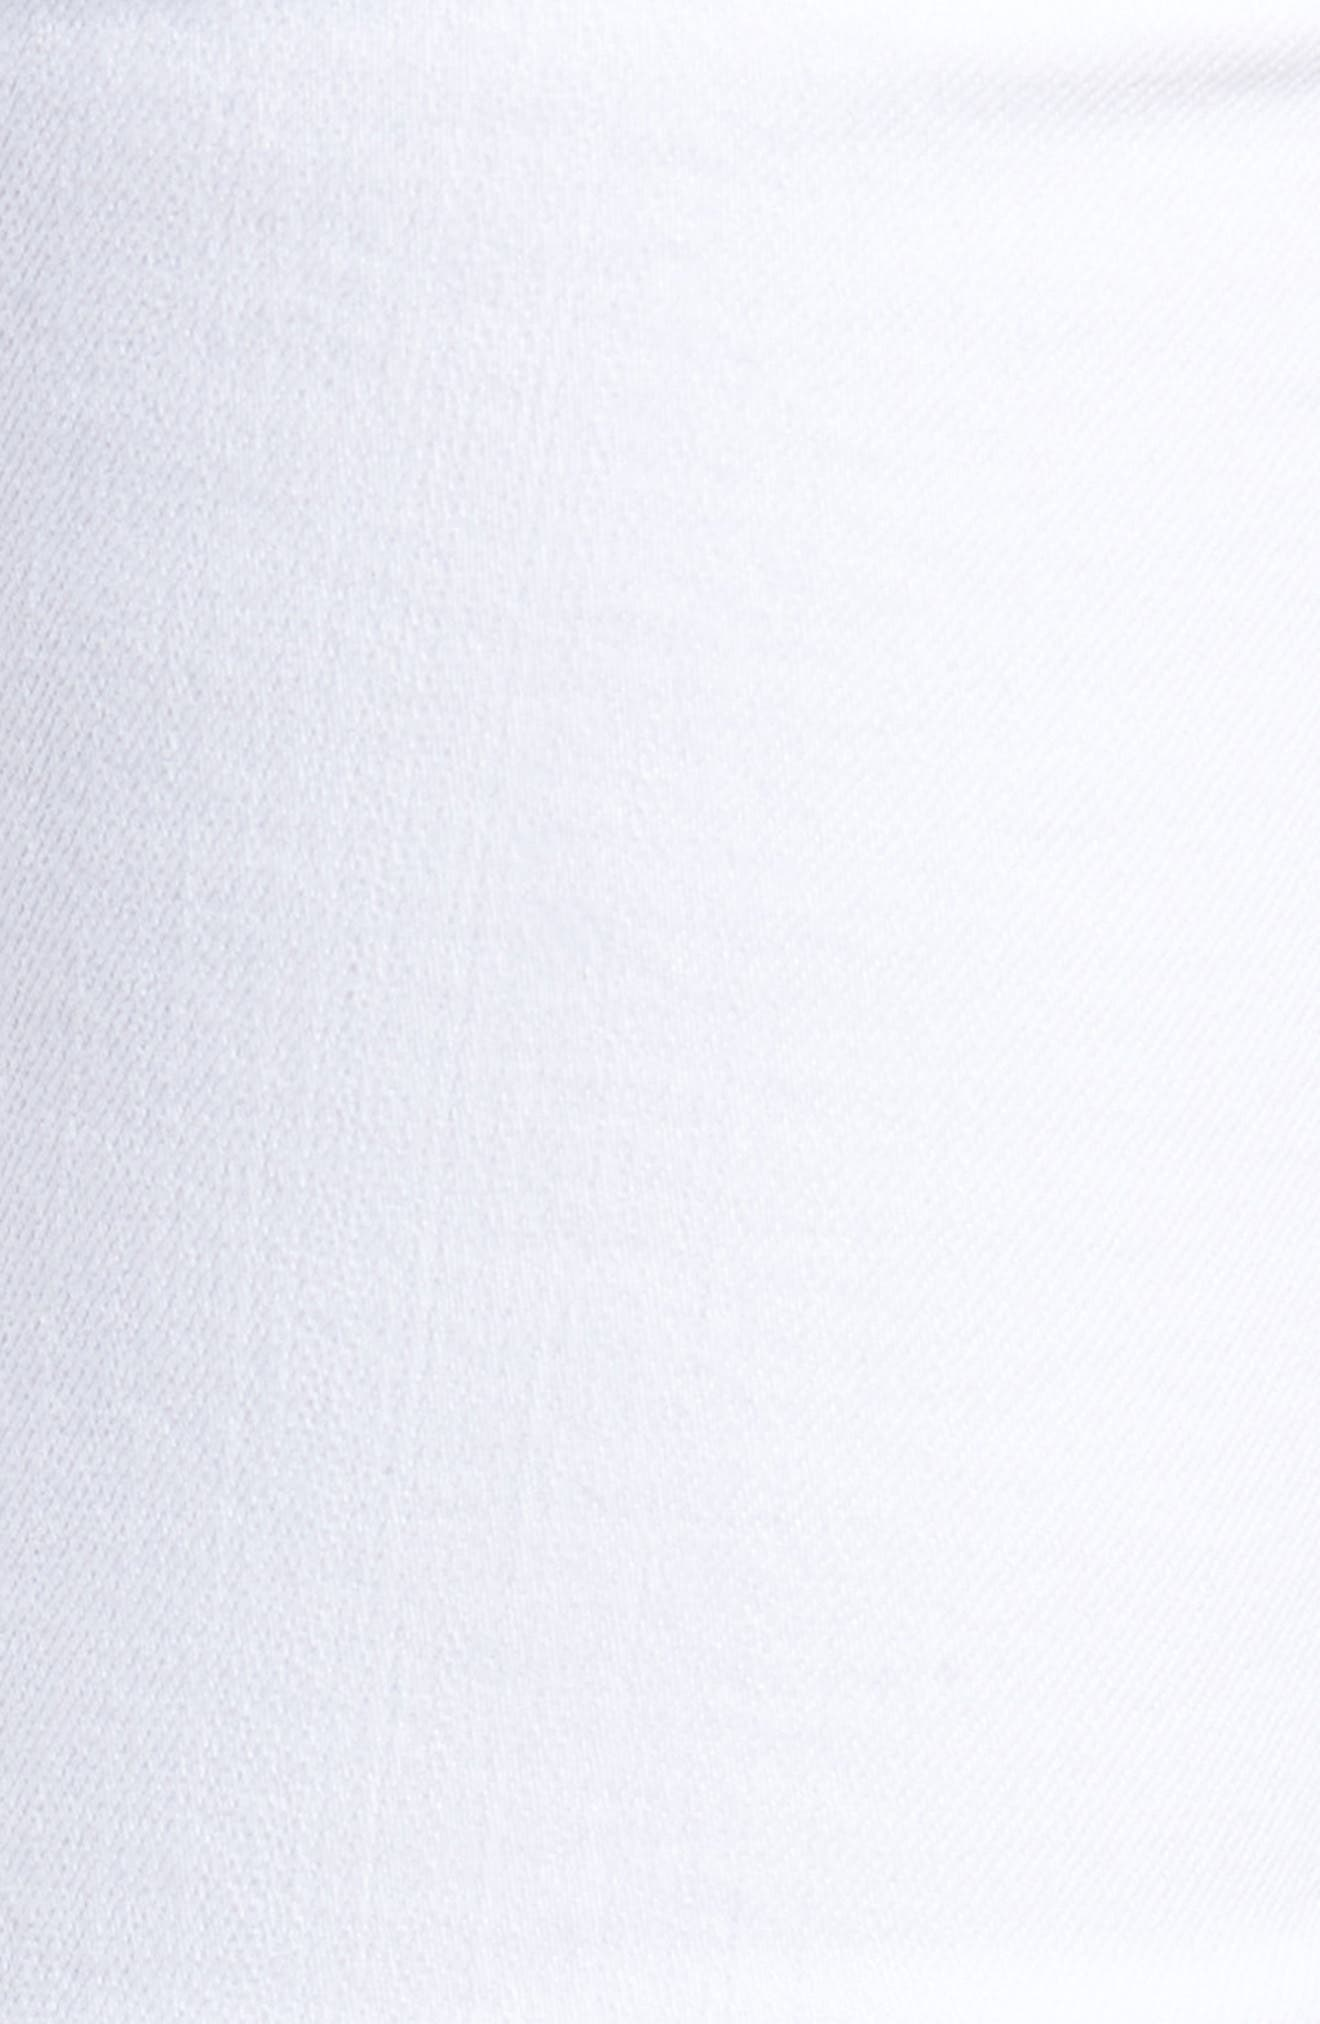 Racer Skinny Jeans,                             Alternate thumbnail 6, color,                             Optic White